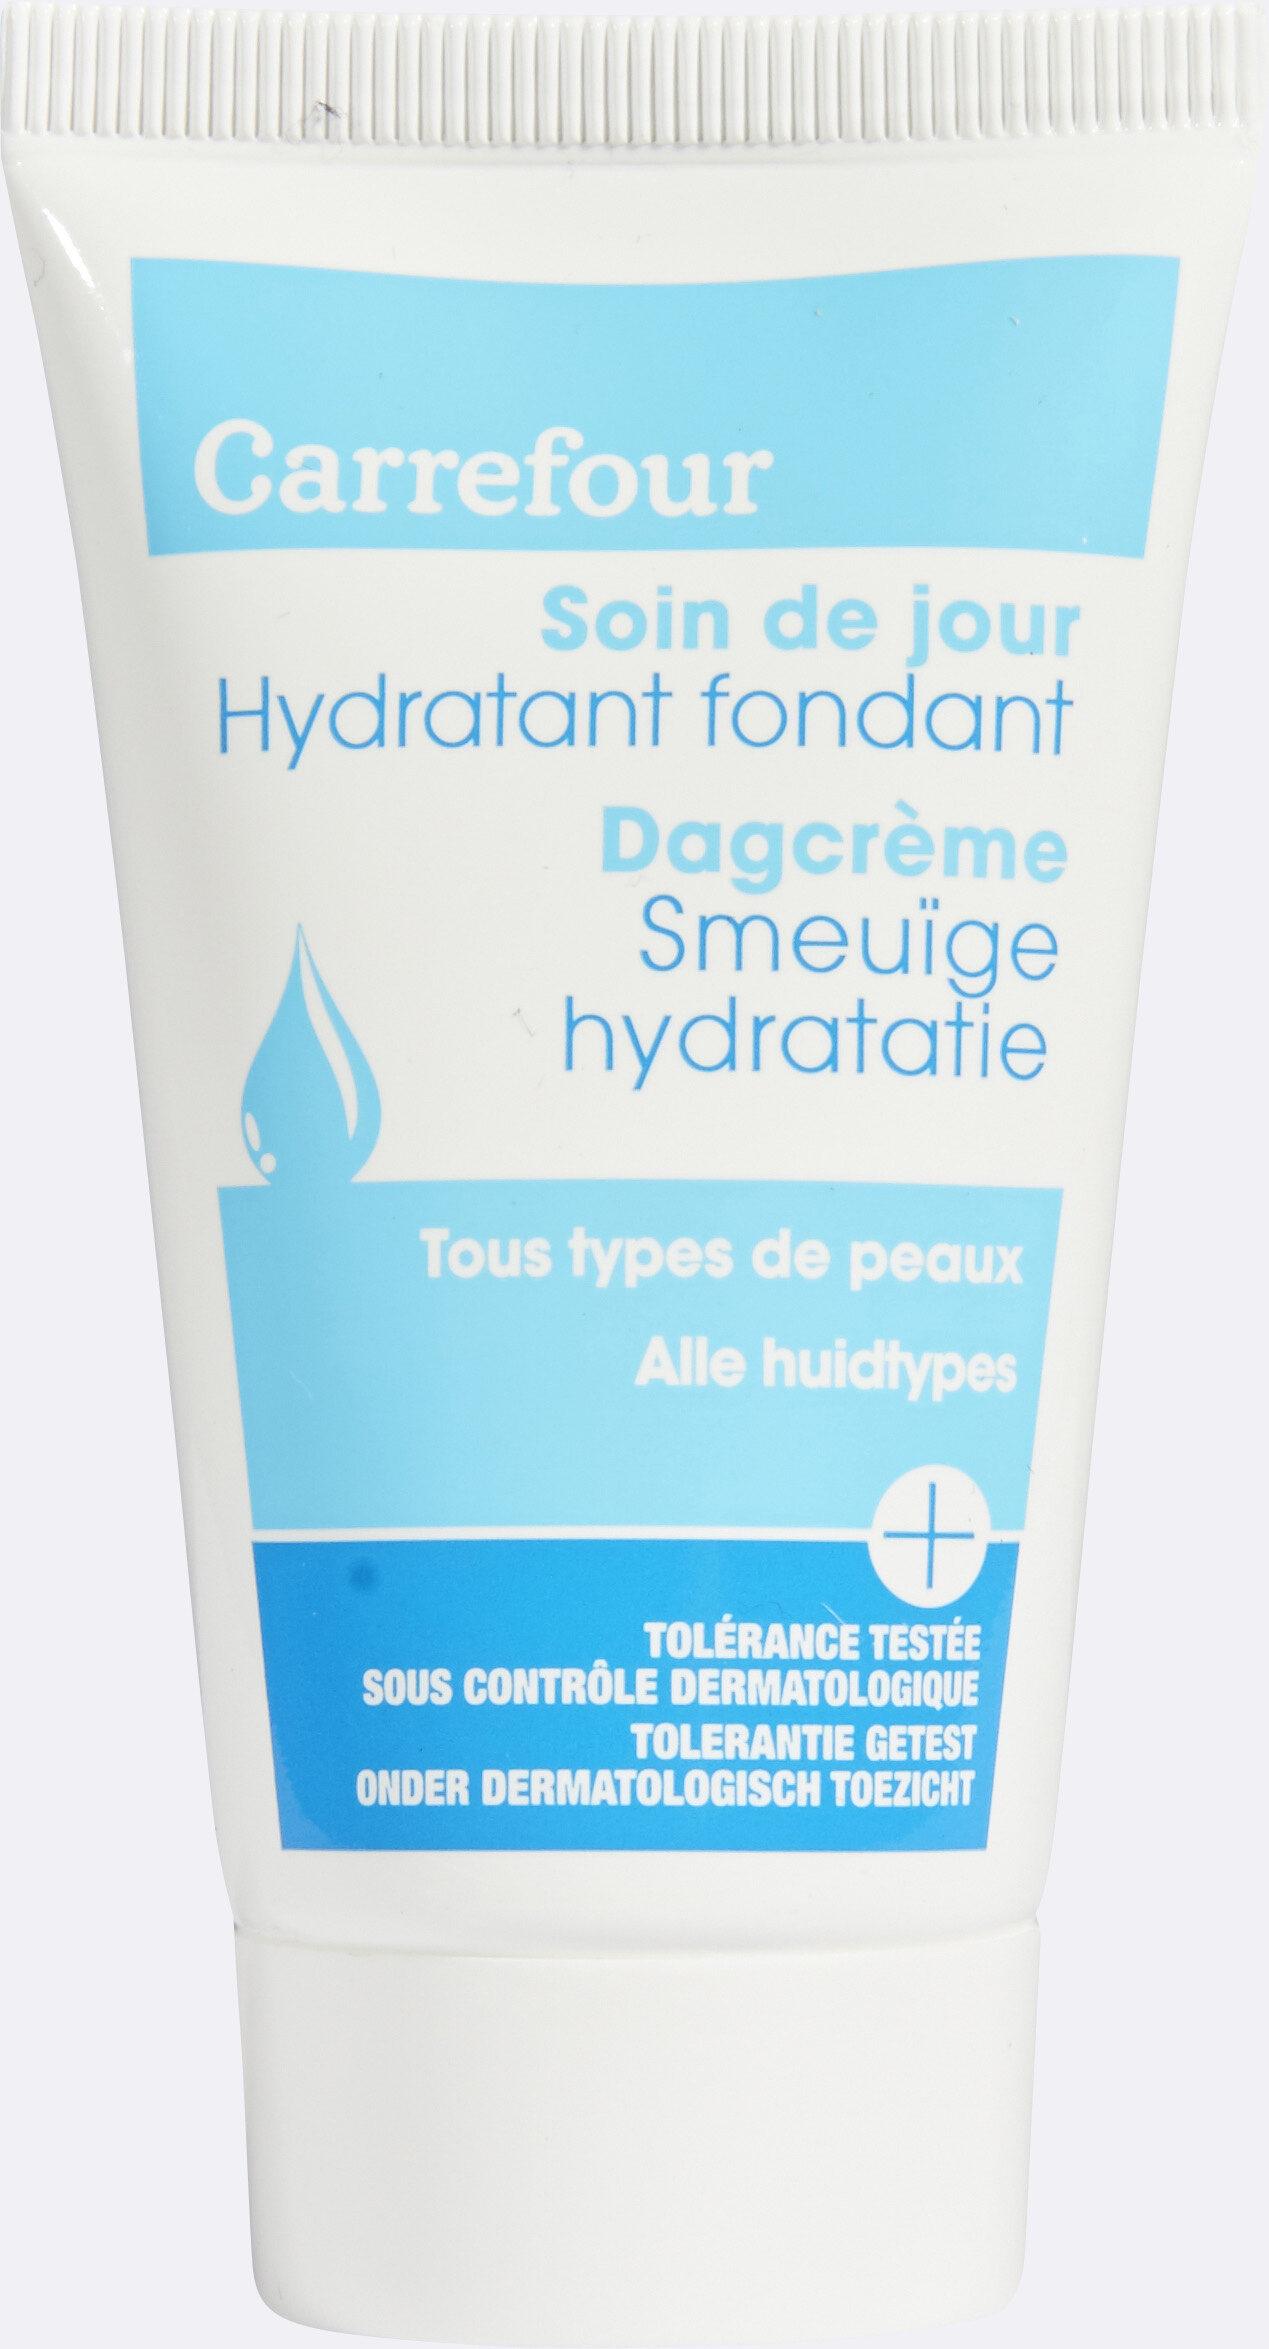 Soin de jour hydratant fondant - Product - fr